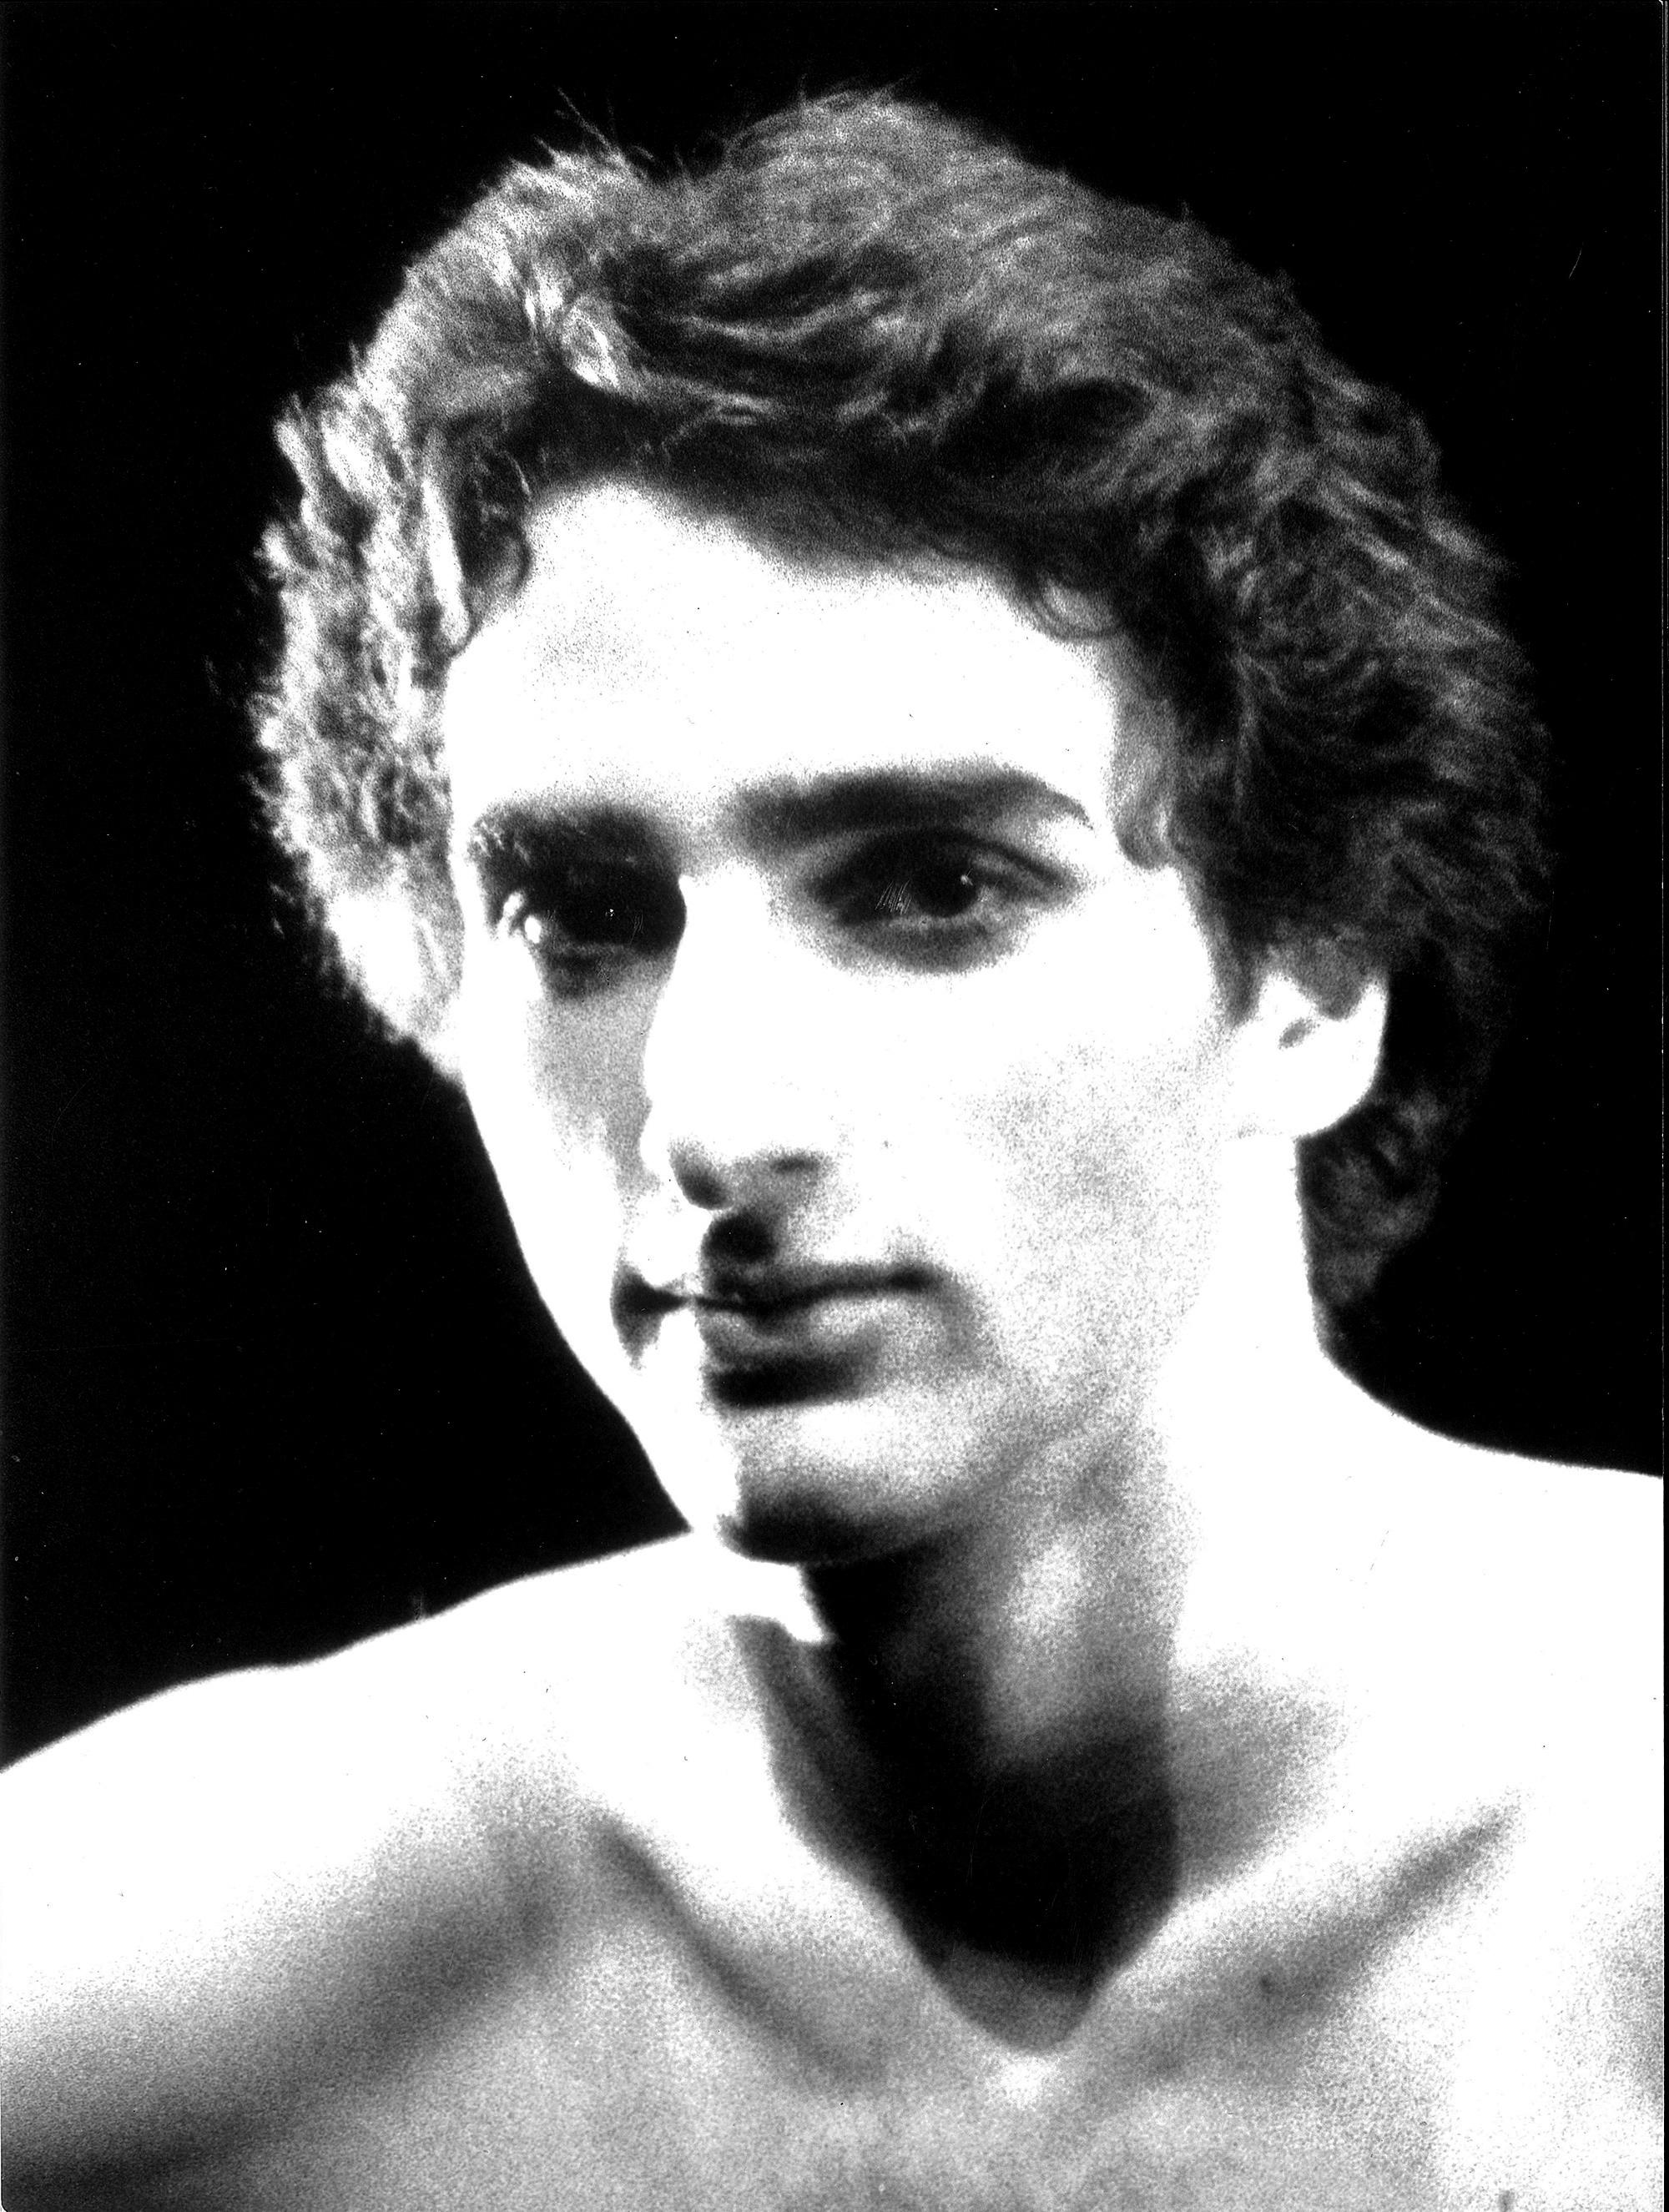 Daniel in 1975